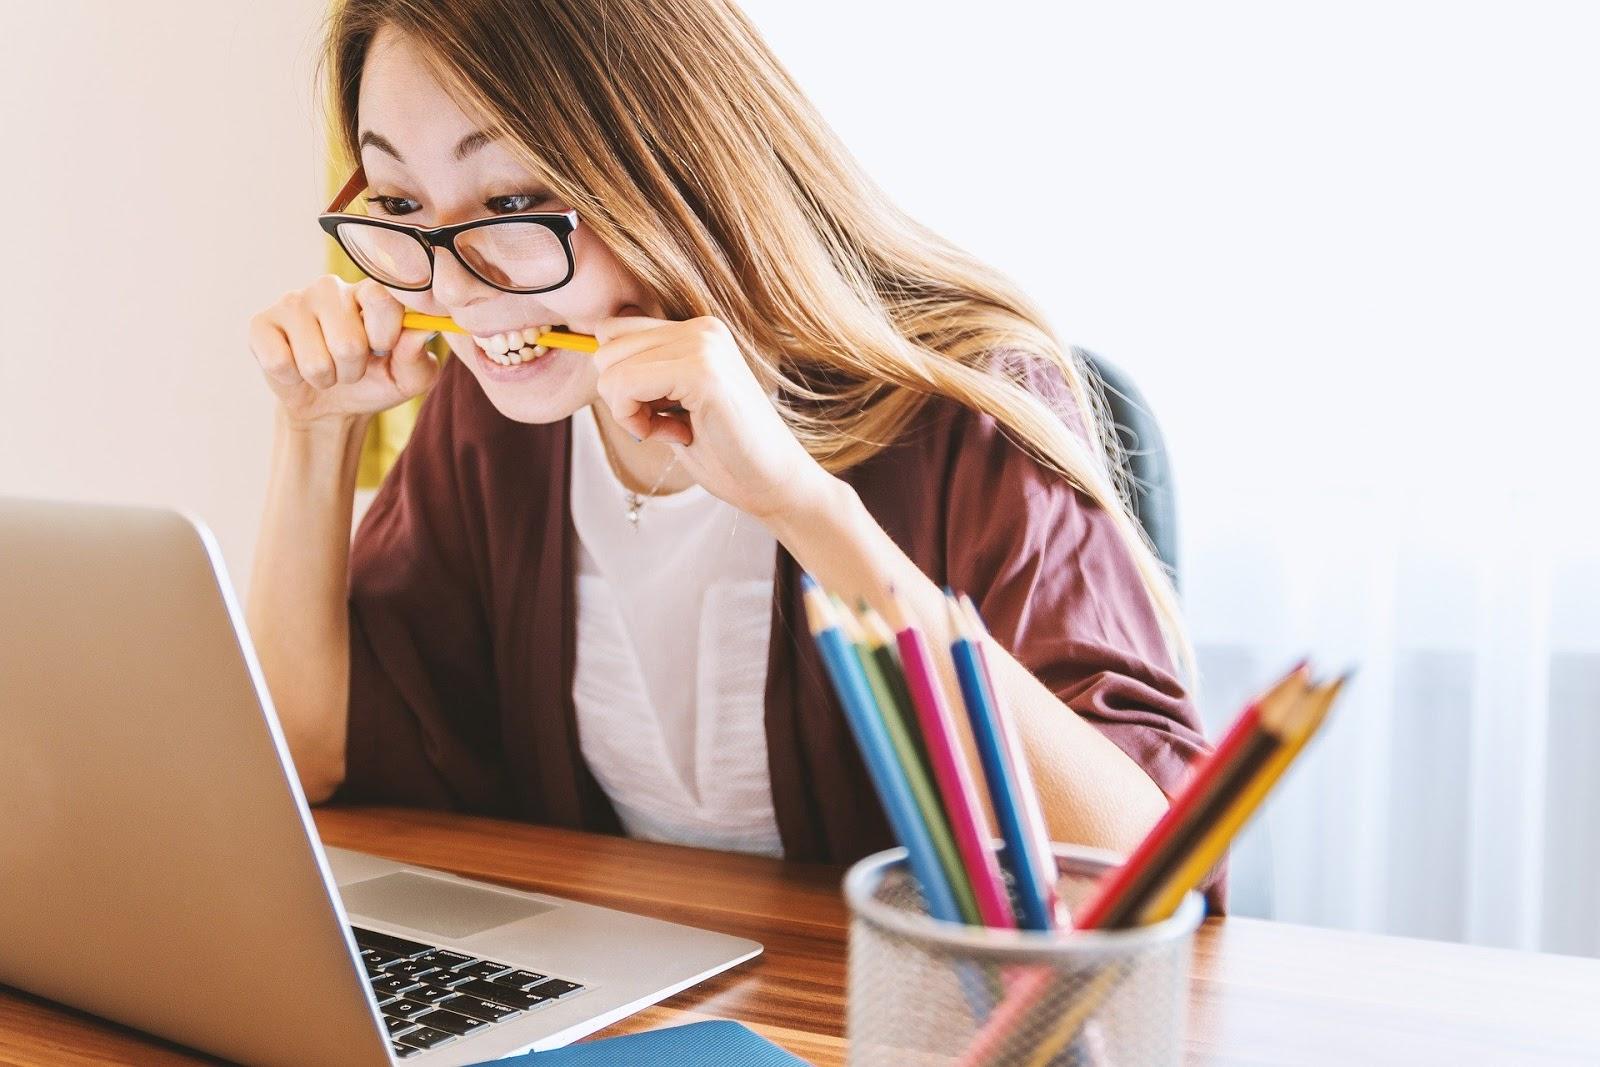 Cara Selesaikan Tugas Kuliah Daring dengan 4 Bantuan